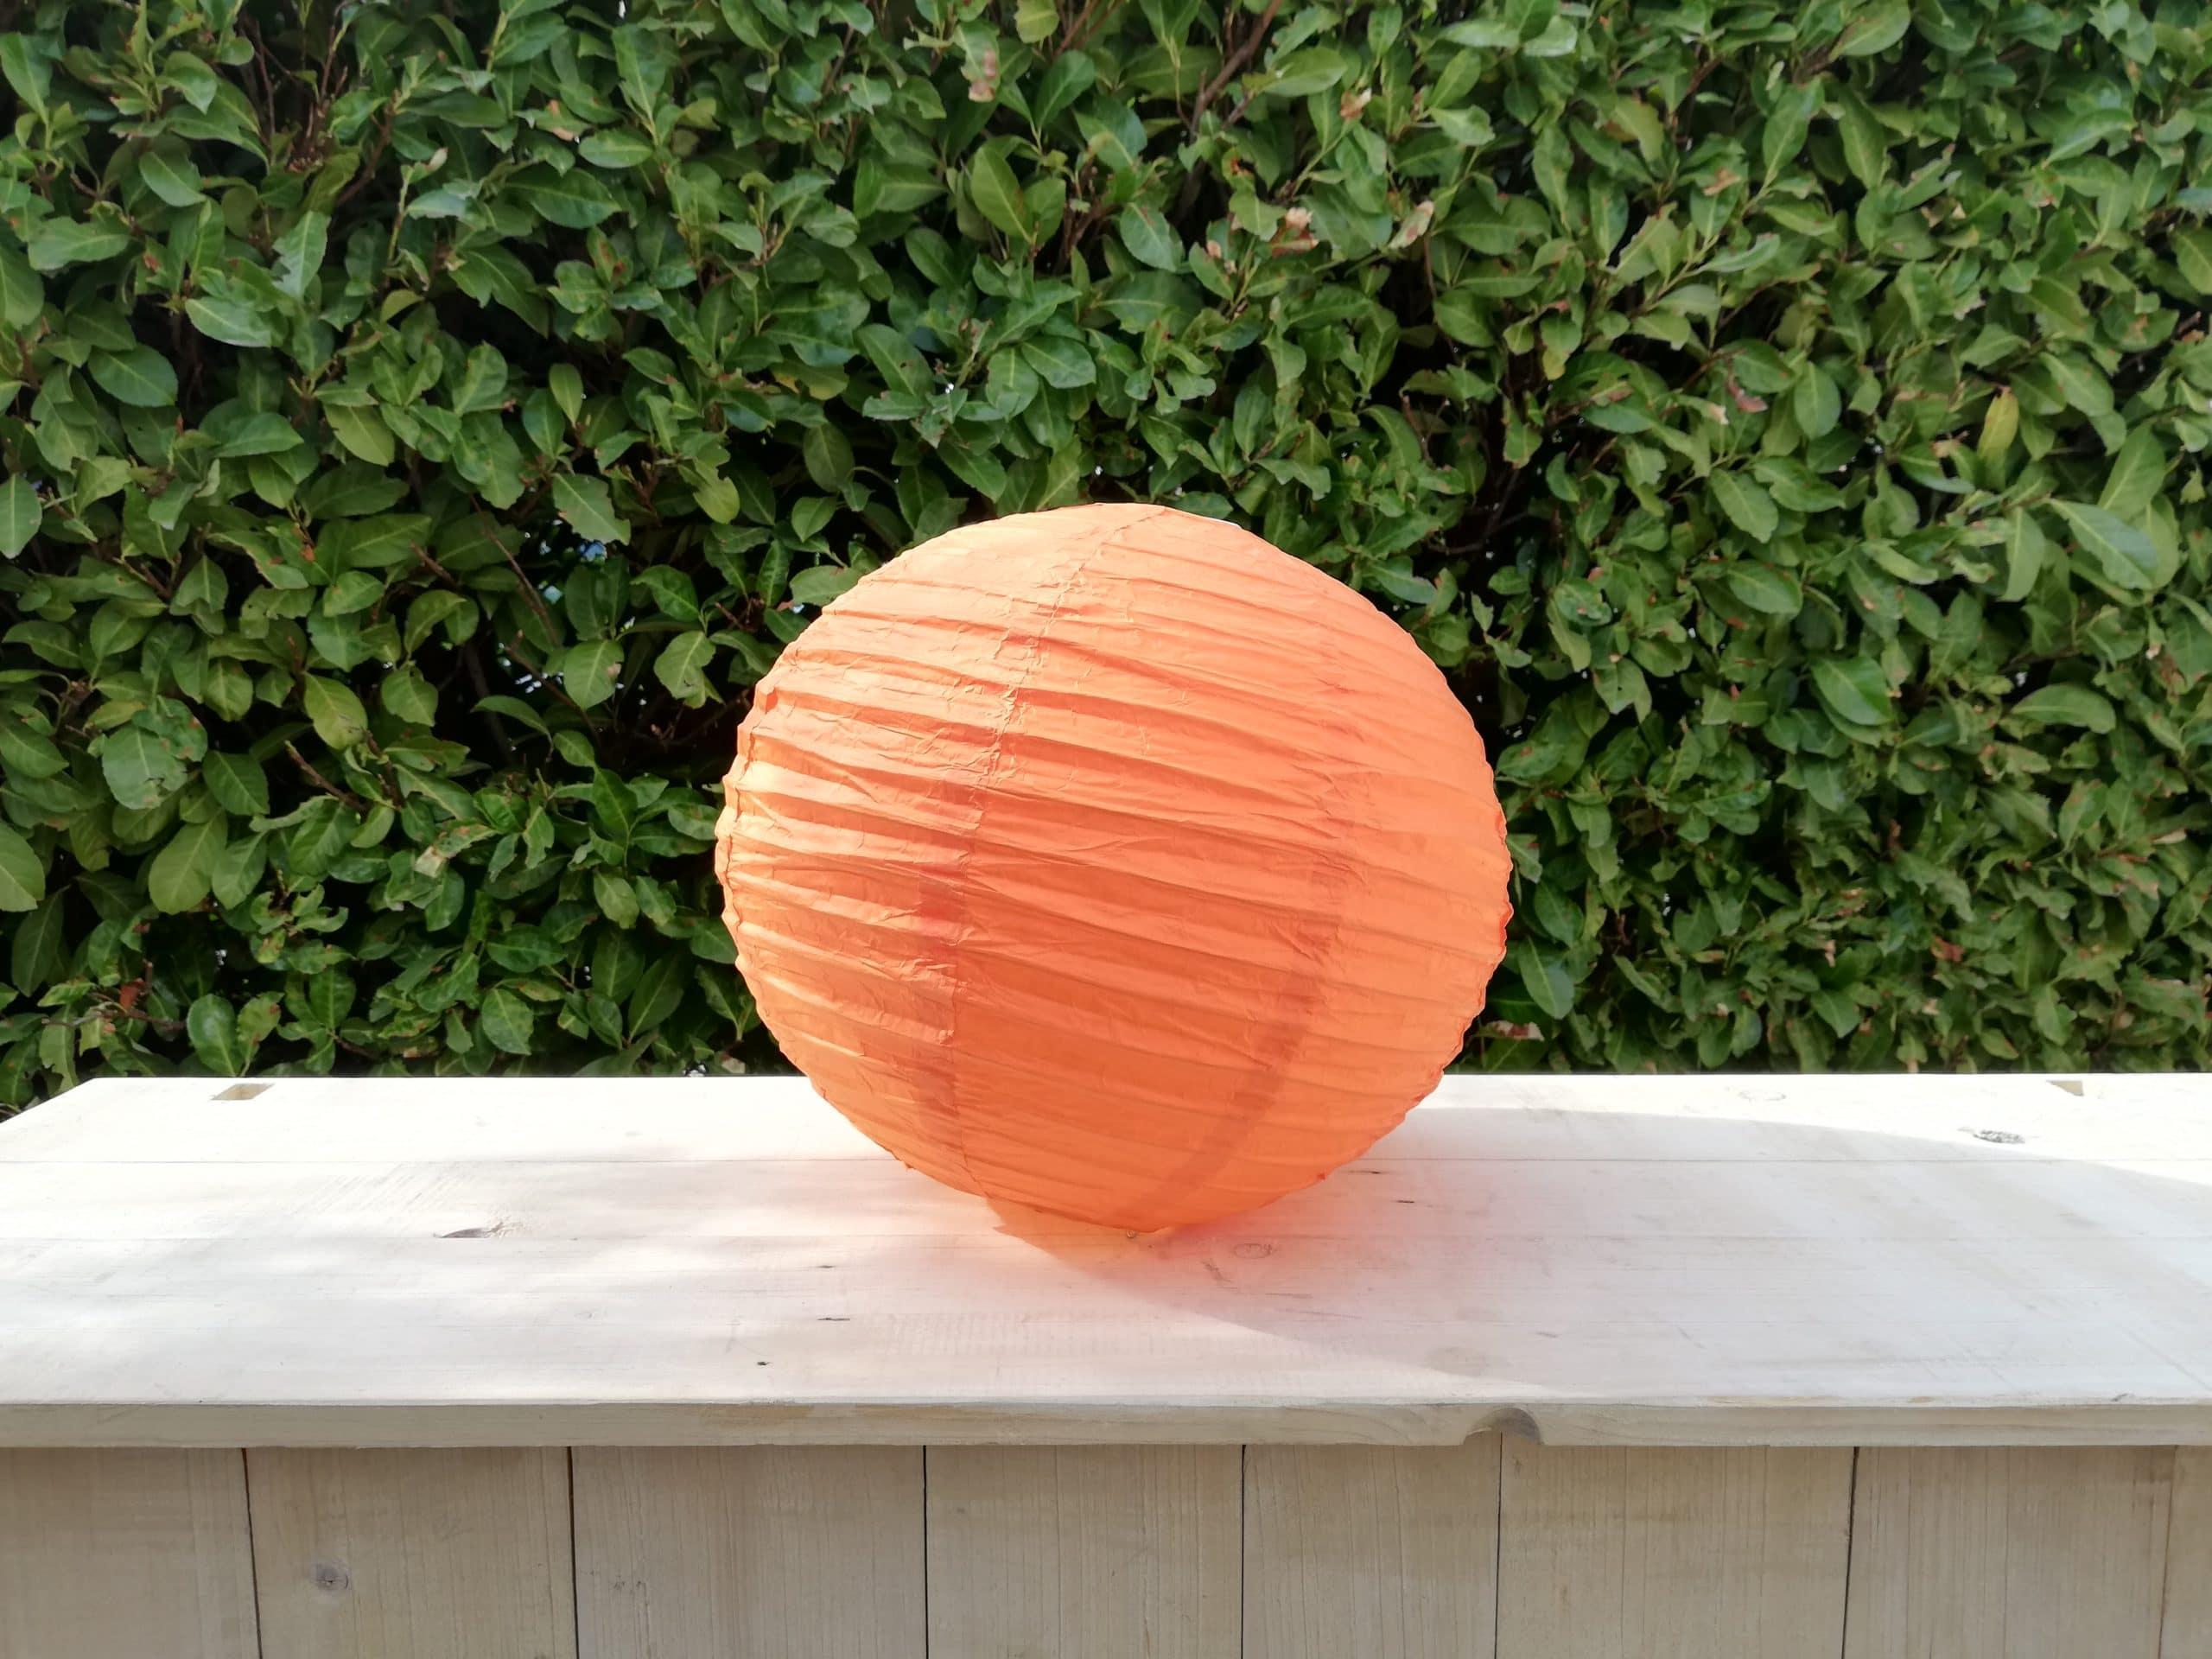 location de boules chinoises orange pour décoration de mariage proposées par esprit pop'up